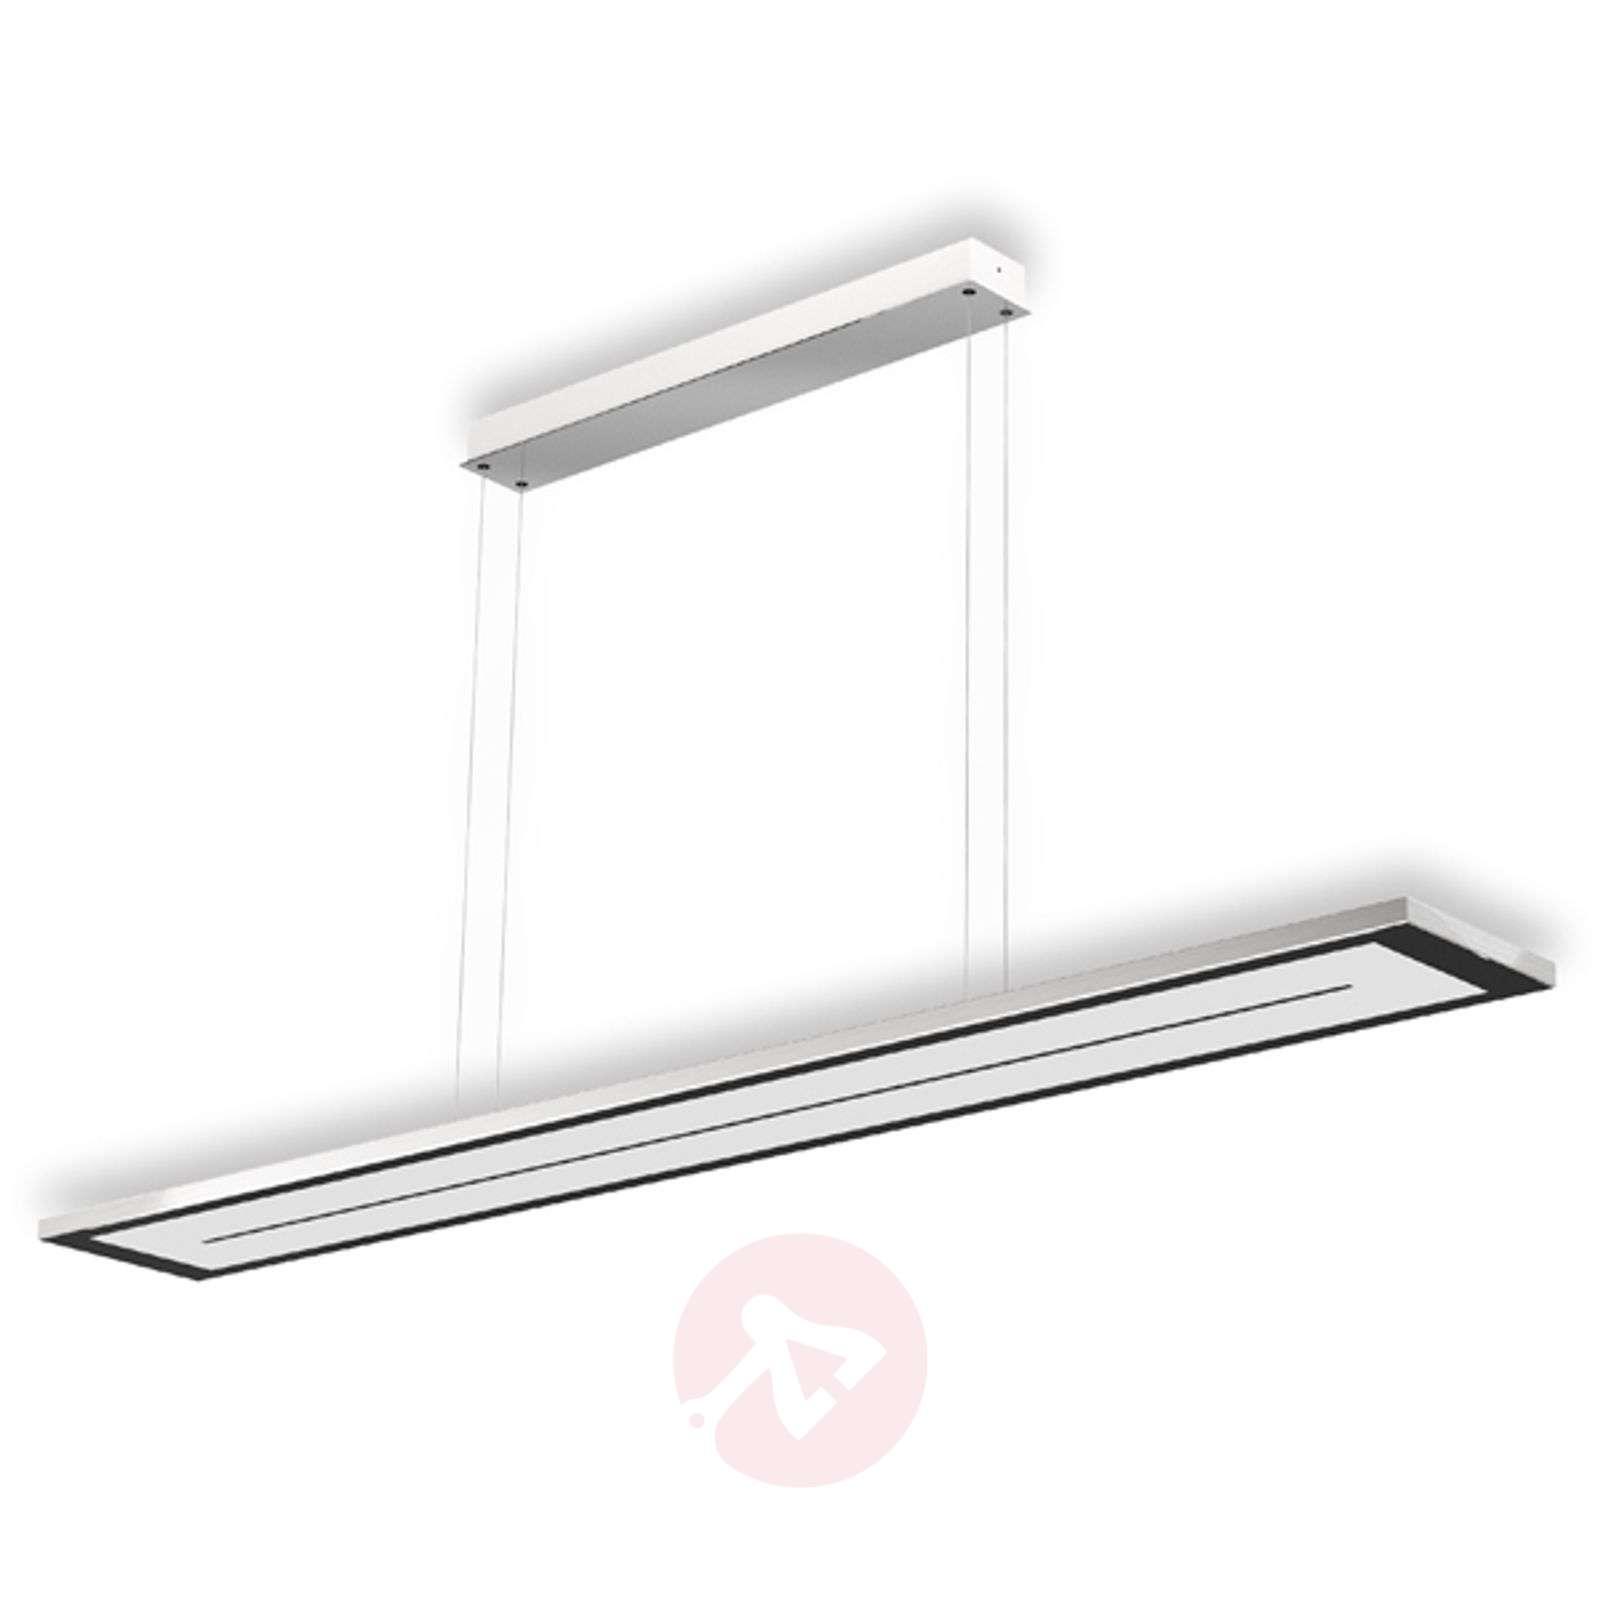 Zen-LED-riippuvalaisin 138 cm-3025229-01